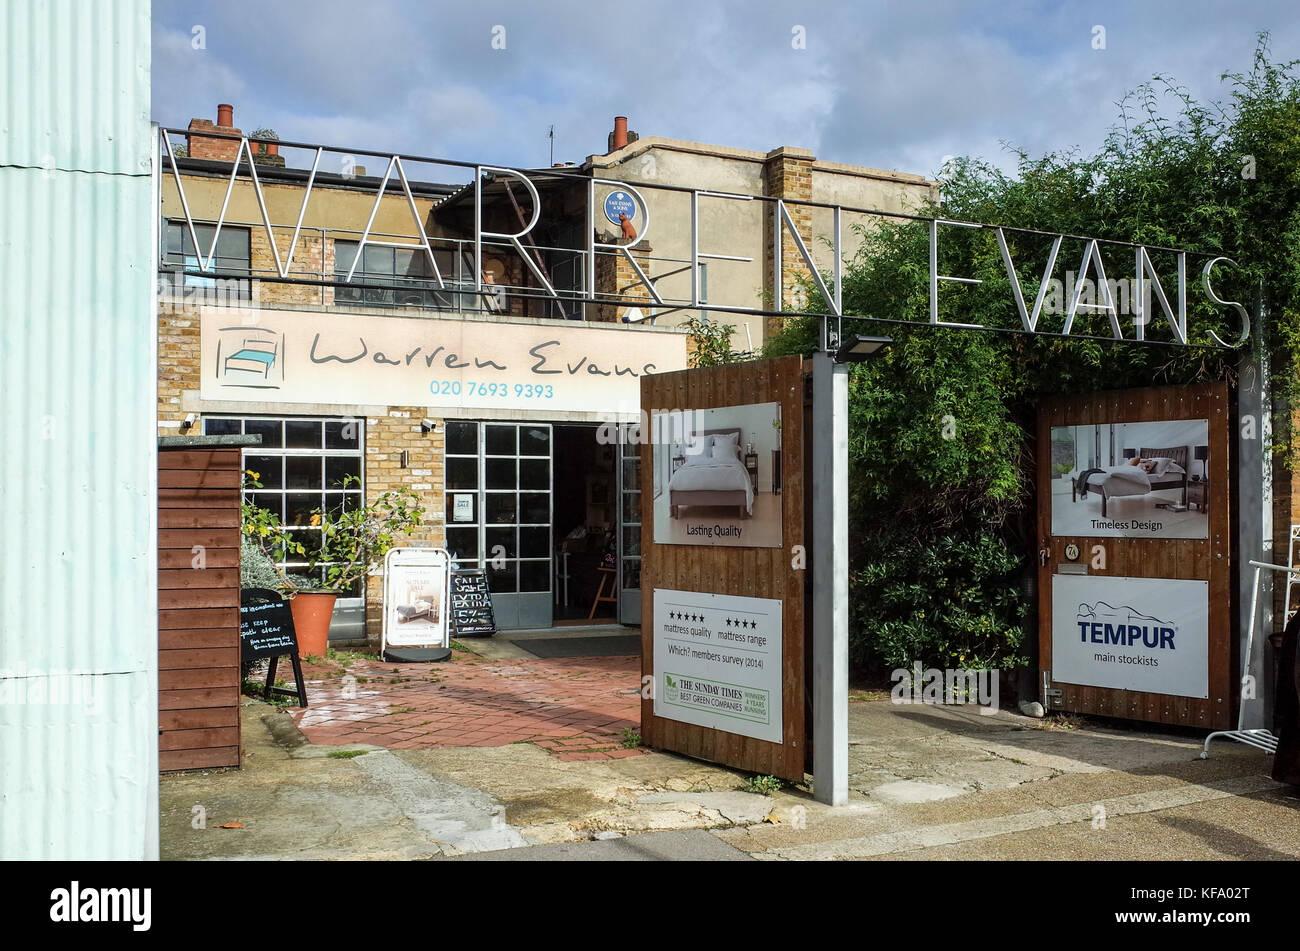 Warren Evans Store à Shoreditch, près de Columbia Road Market. L'entreprise a démarré en Photo Stock